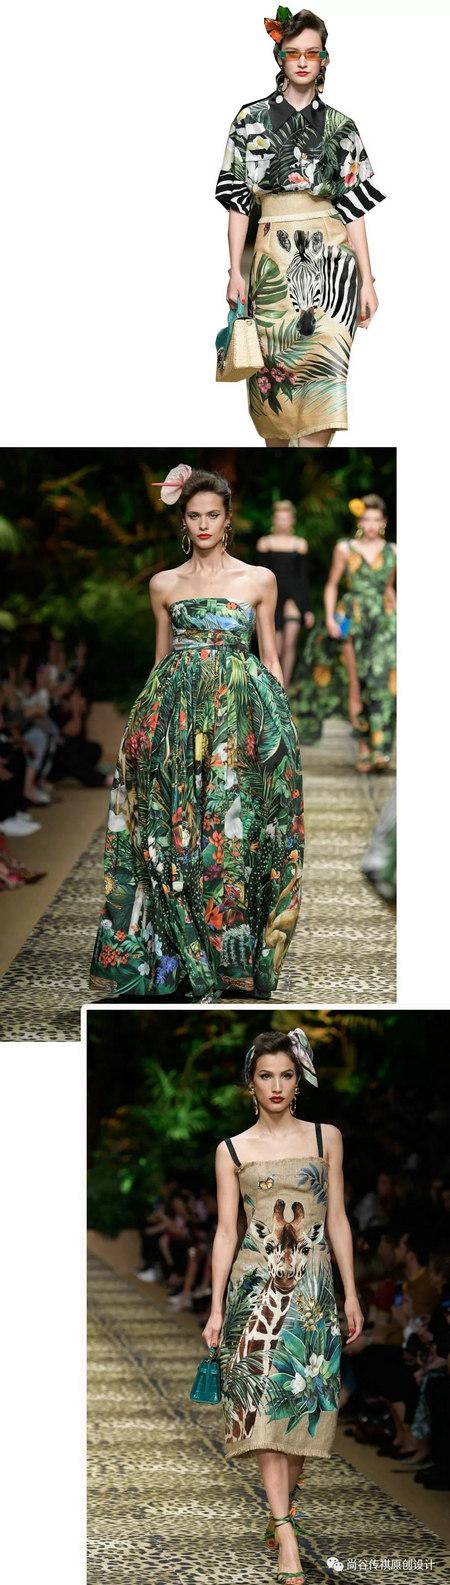 2020春夏女装流行元素 时装周的流行趋势(图6)